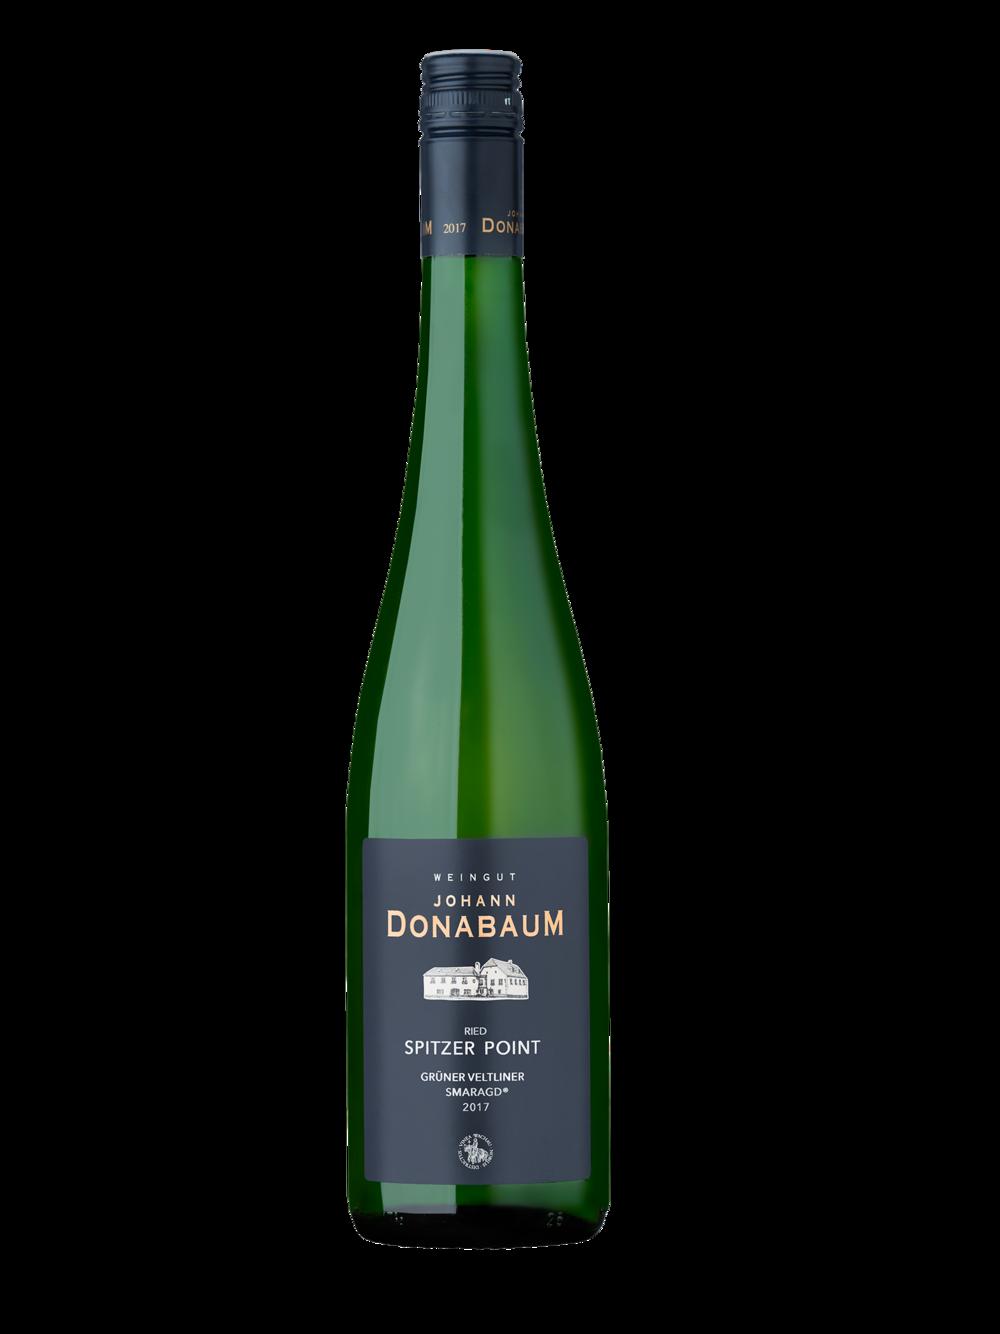 Weingut Johann Donabaum - Spitzer Point